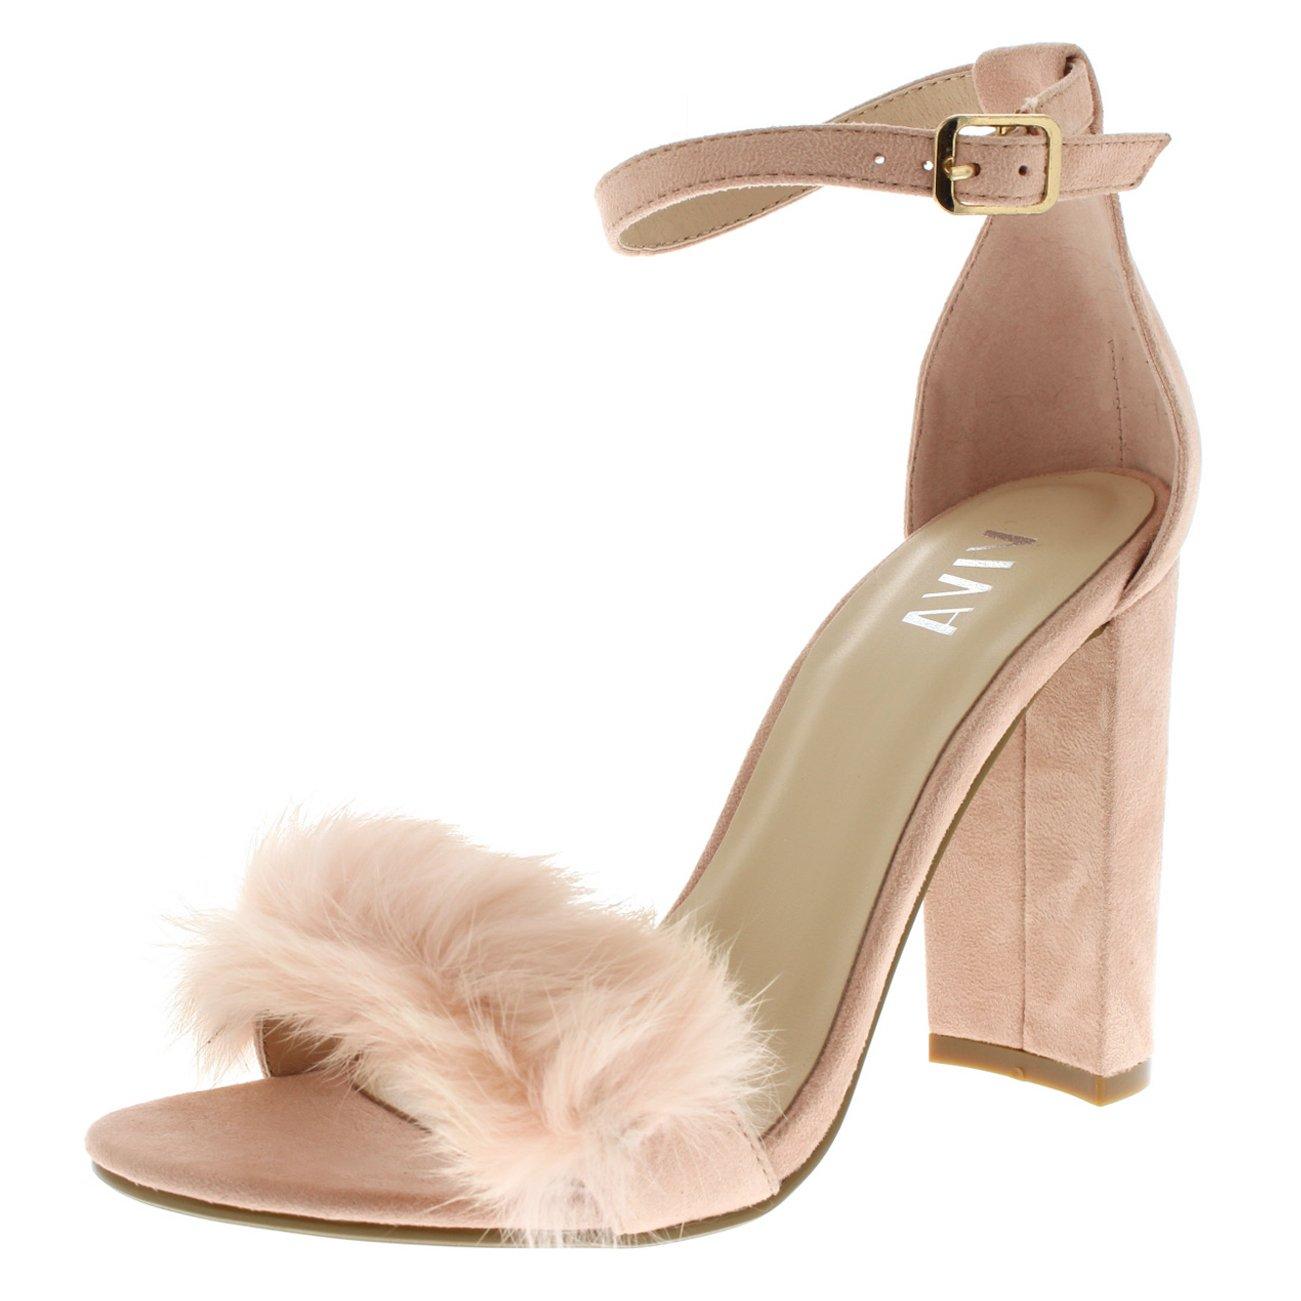 2524b75642e0 Pink Women s Evening Block Heel Sandal Party Fur Fluffy High Heels ...